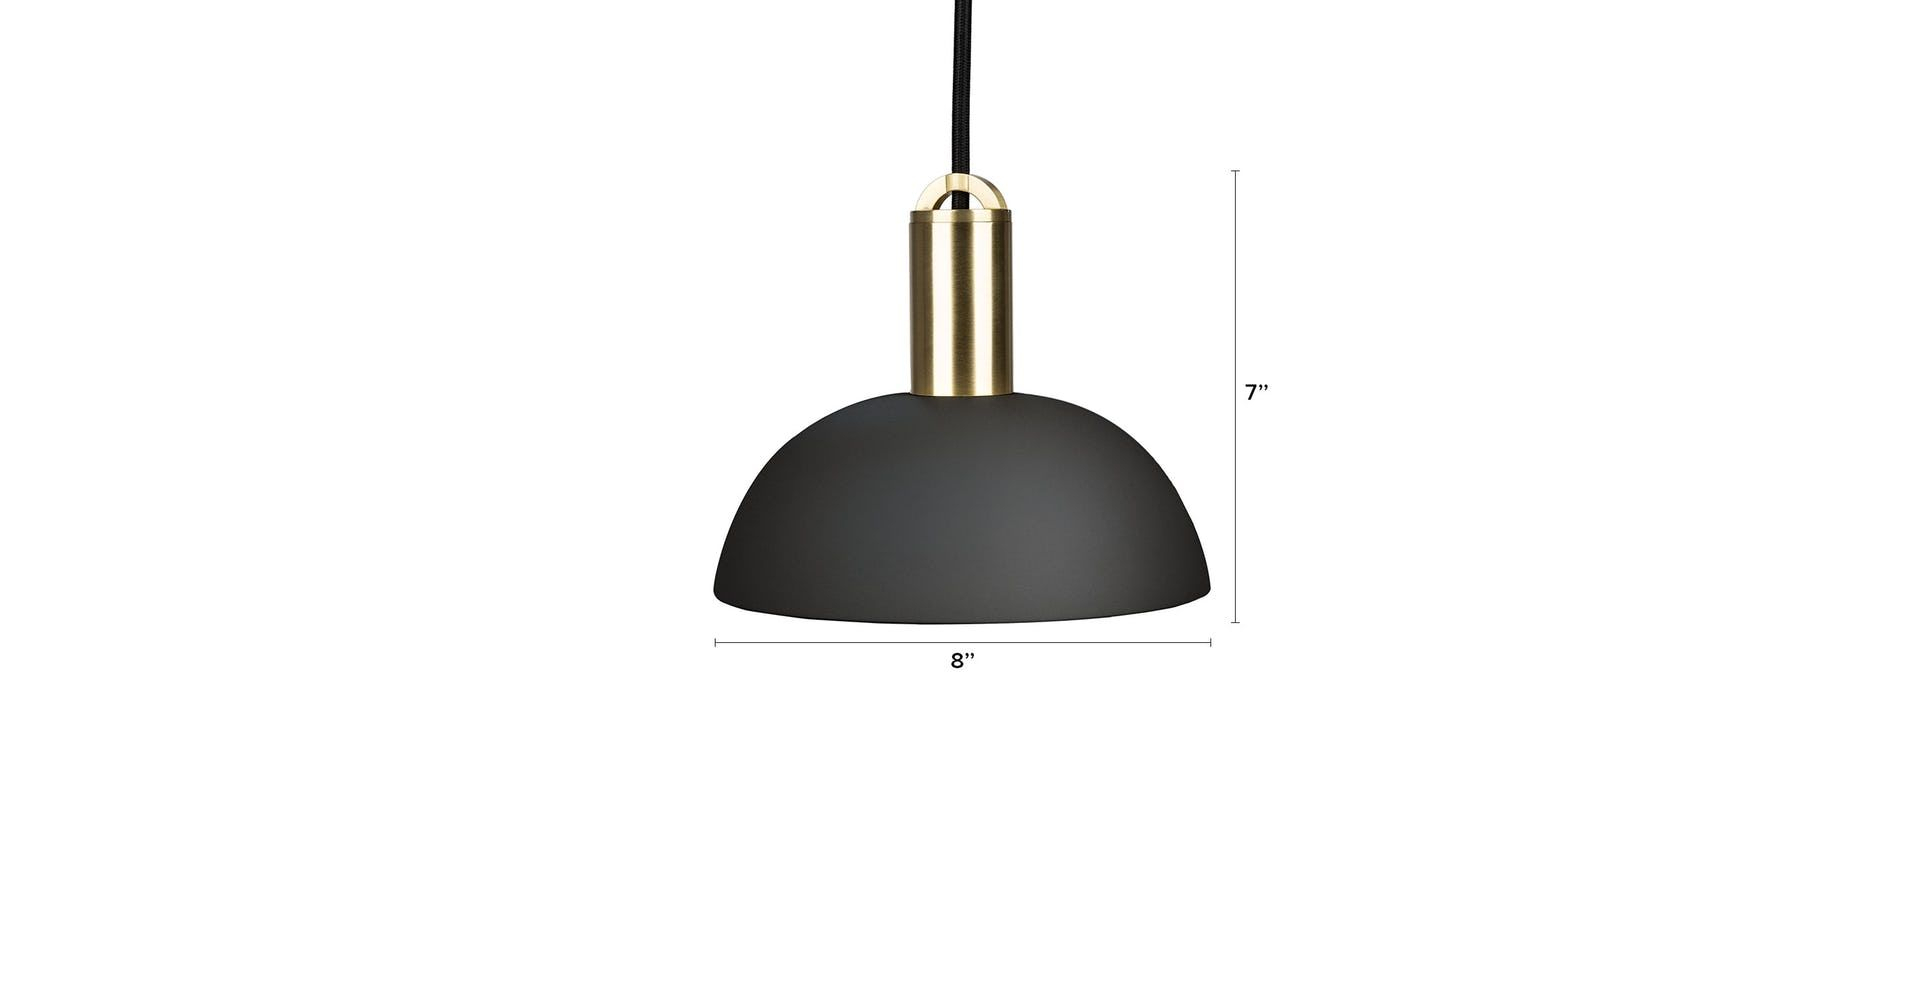 Tangent Dome Black Pendant Lamp In 2019 | Lighting | Pendant intended for Stetson 1-Light Bowl Pendants (Image 27 of 30)